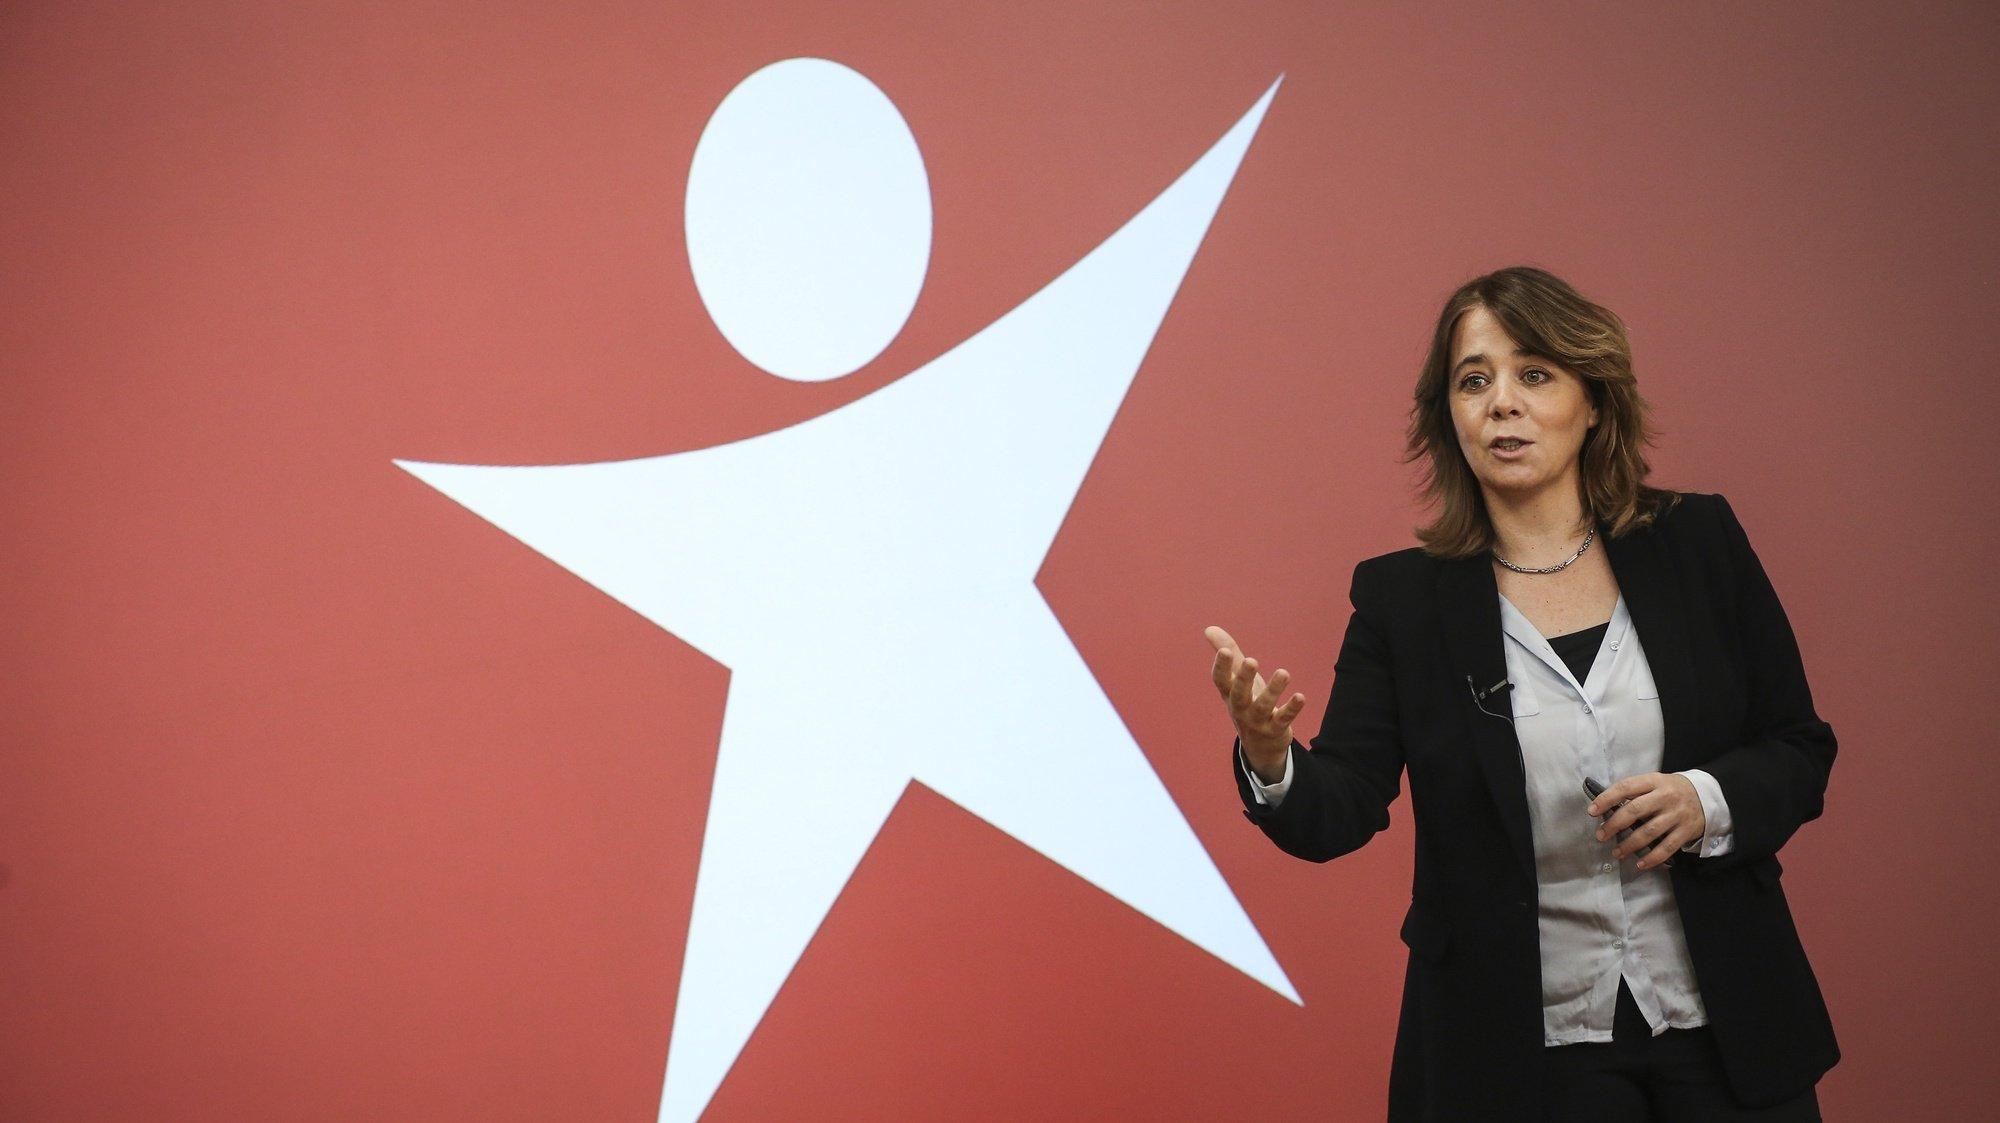 A coordenadora do Bloco de Esquerda (BE), Catarina Martins, discursa durante uma conferência de imprensa para apresentar um conjunto de medidas para proteger quem está em teletrabalho, na sede do partido, em Lisboa, 13 de março de 2021.  RODRIGO ANTUNES/LUSA